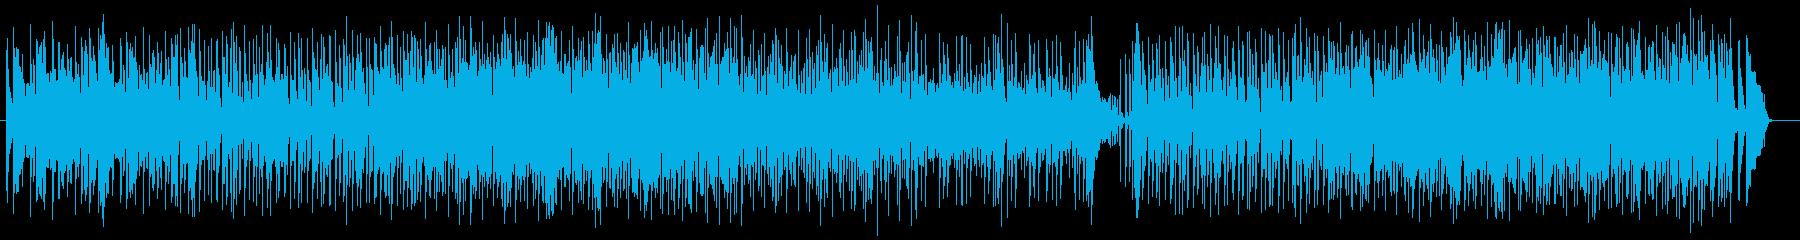 ポップで緩やかなシンセポップスの再生済みの波形